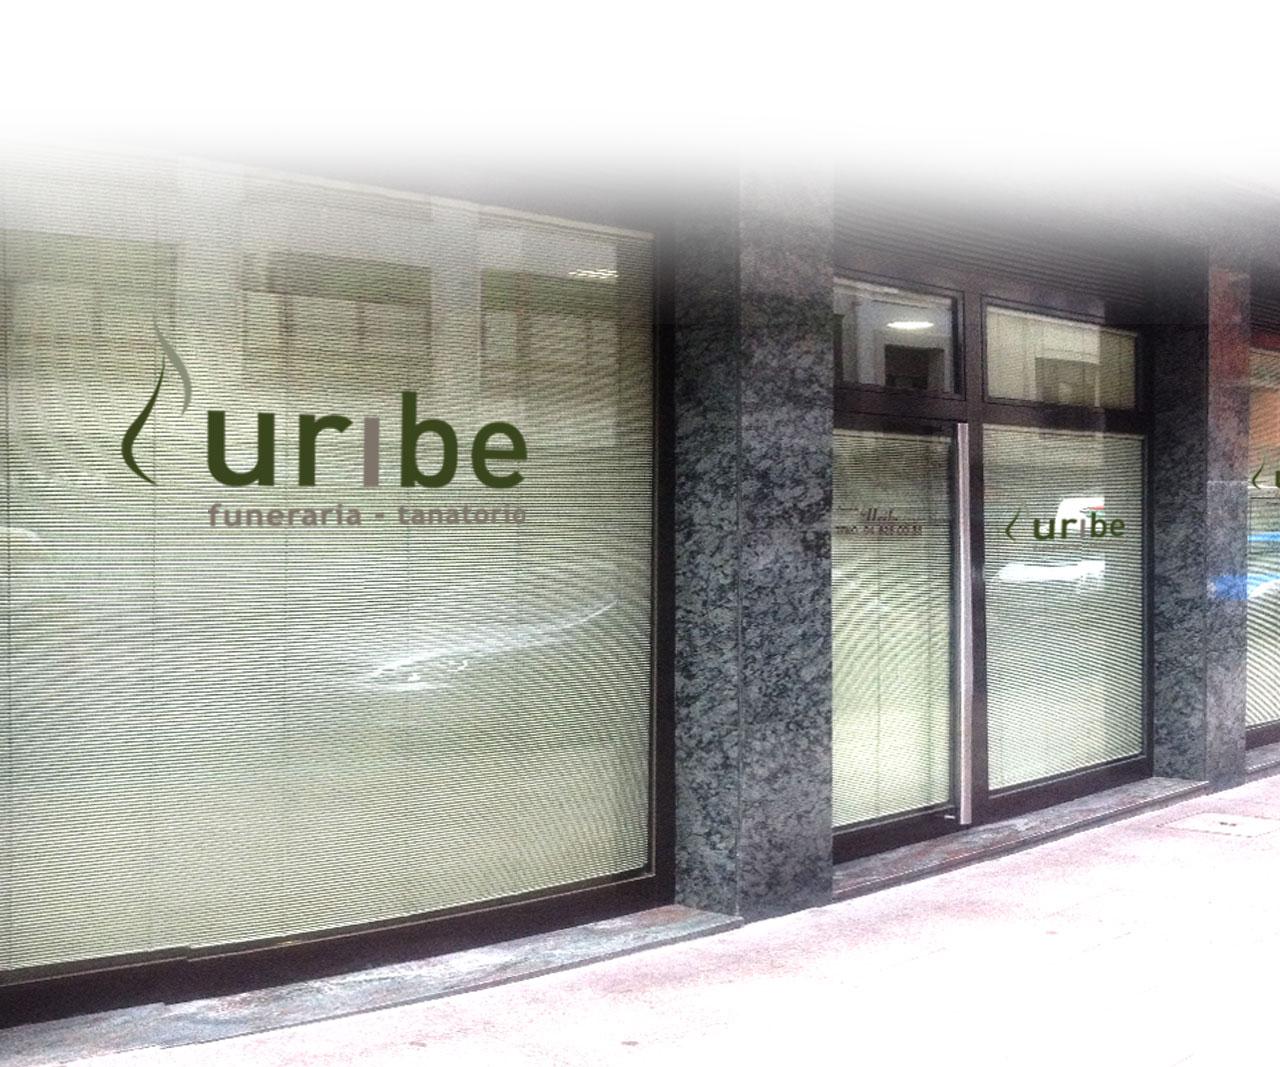 Funeraria Uribe foto de la fachada de las oficinas principales en Gernika